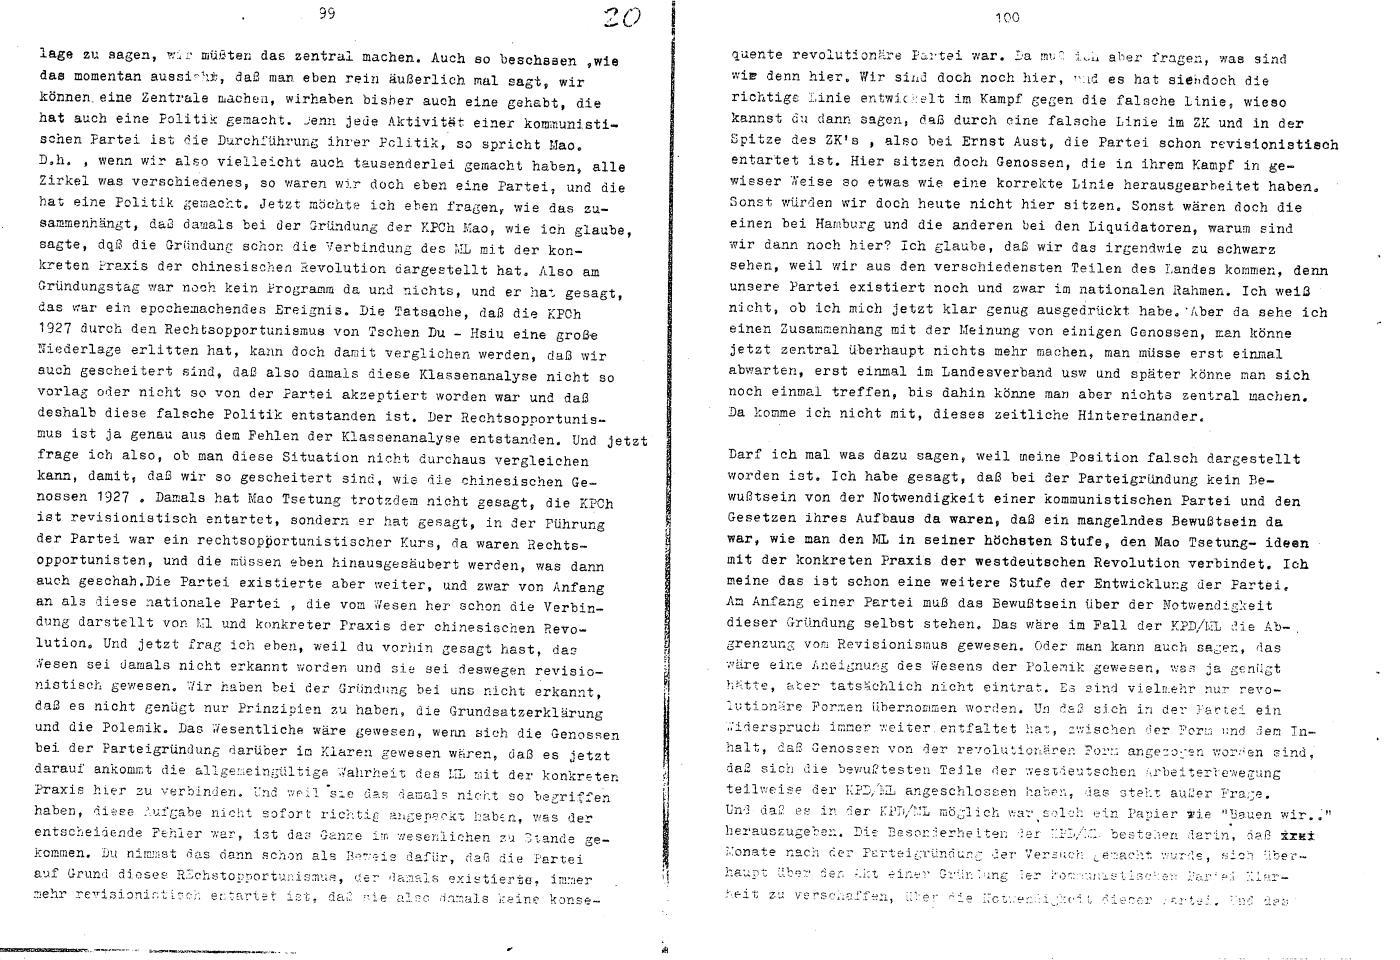 KPDML_1971_Wortprotokolle_aoPt_039